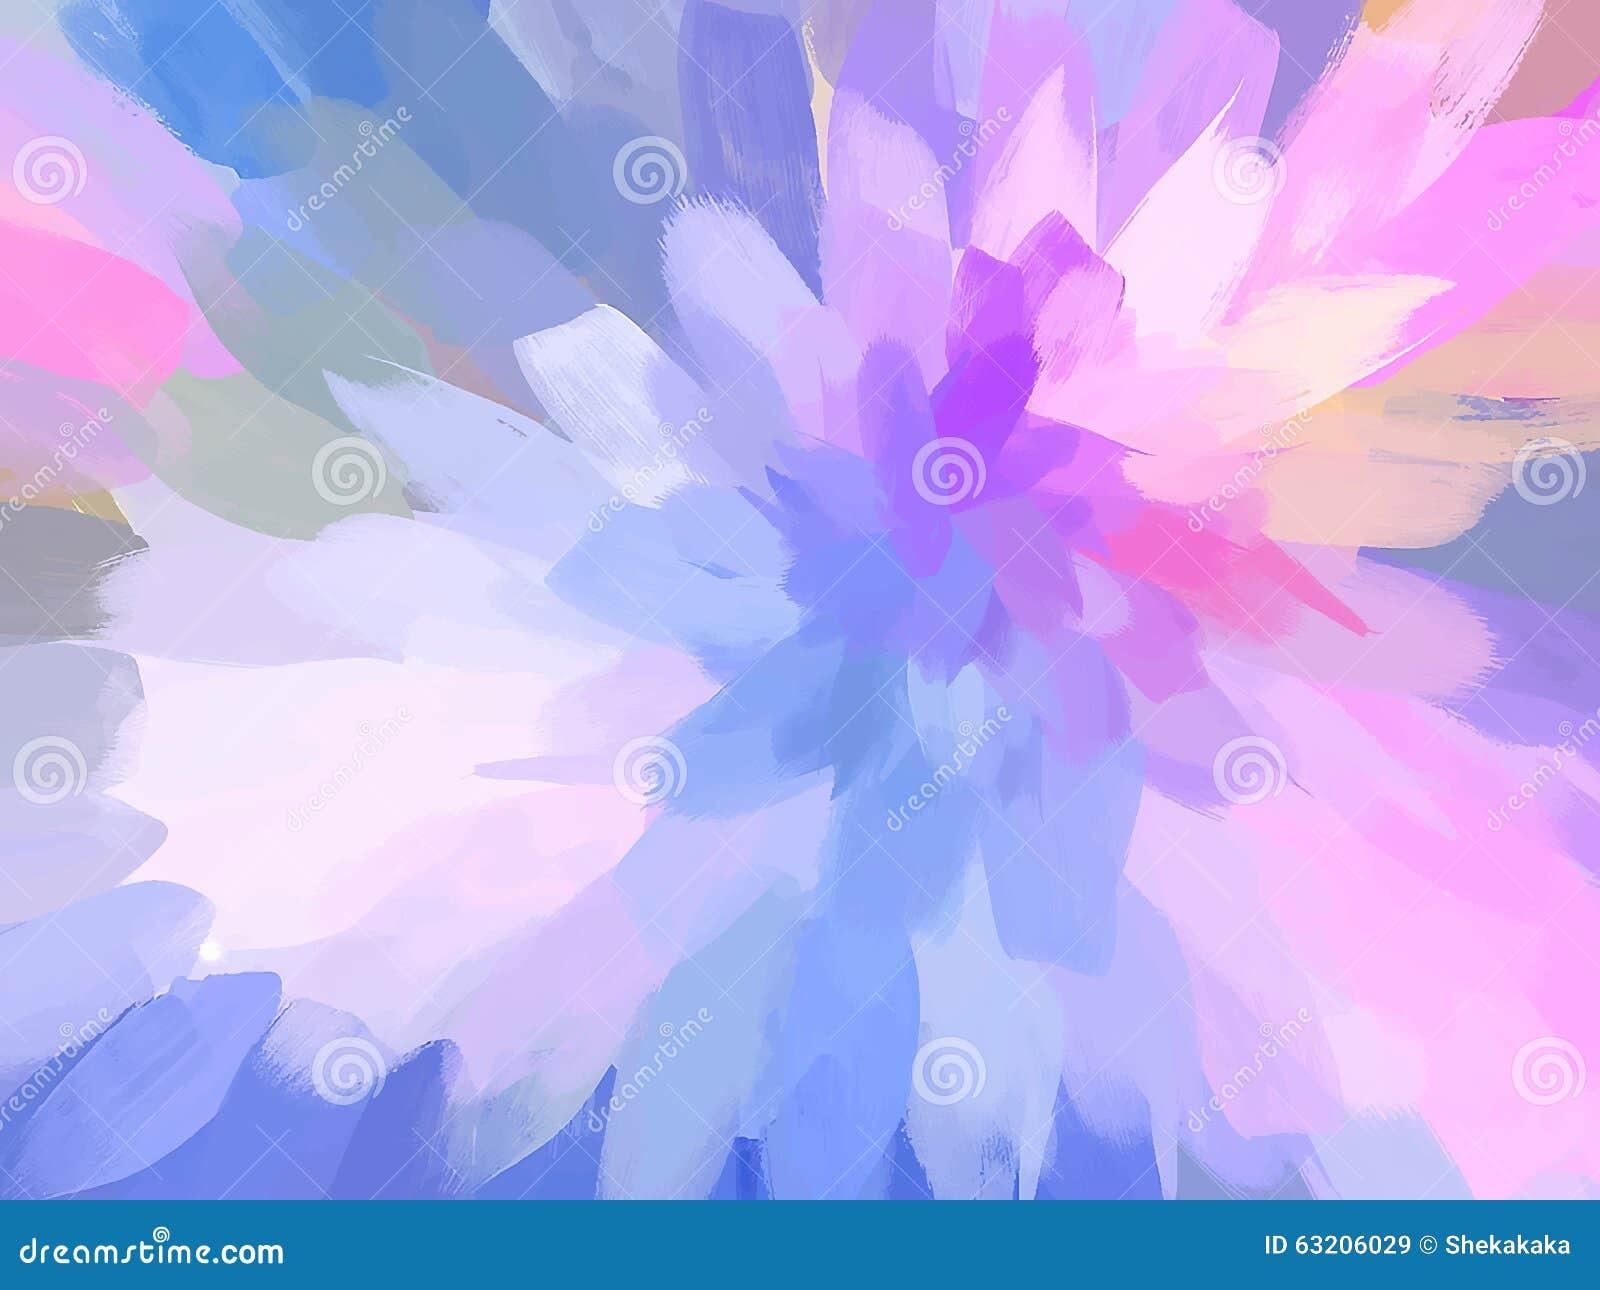 illustration soft floral - photo #32